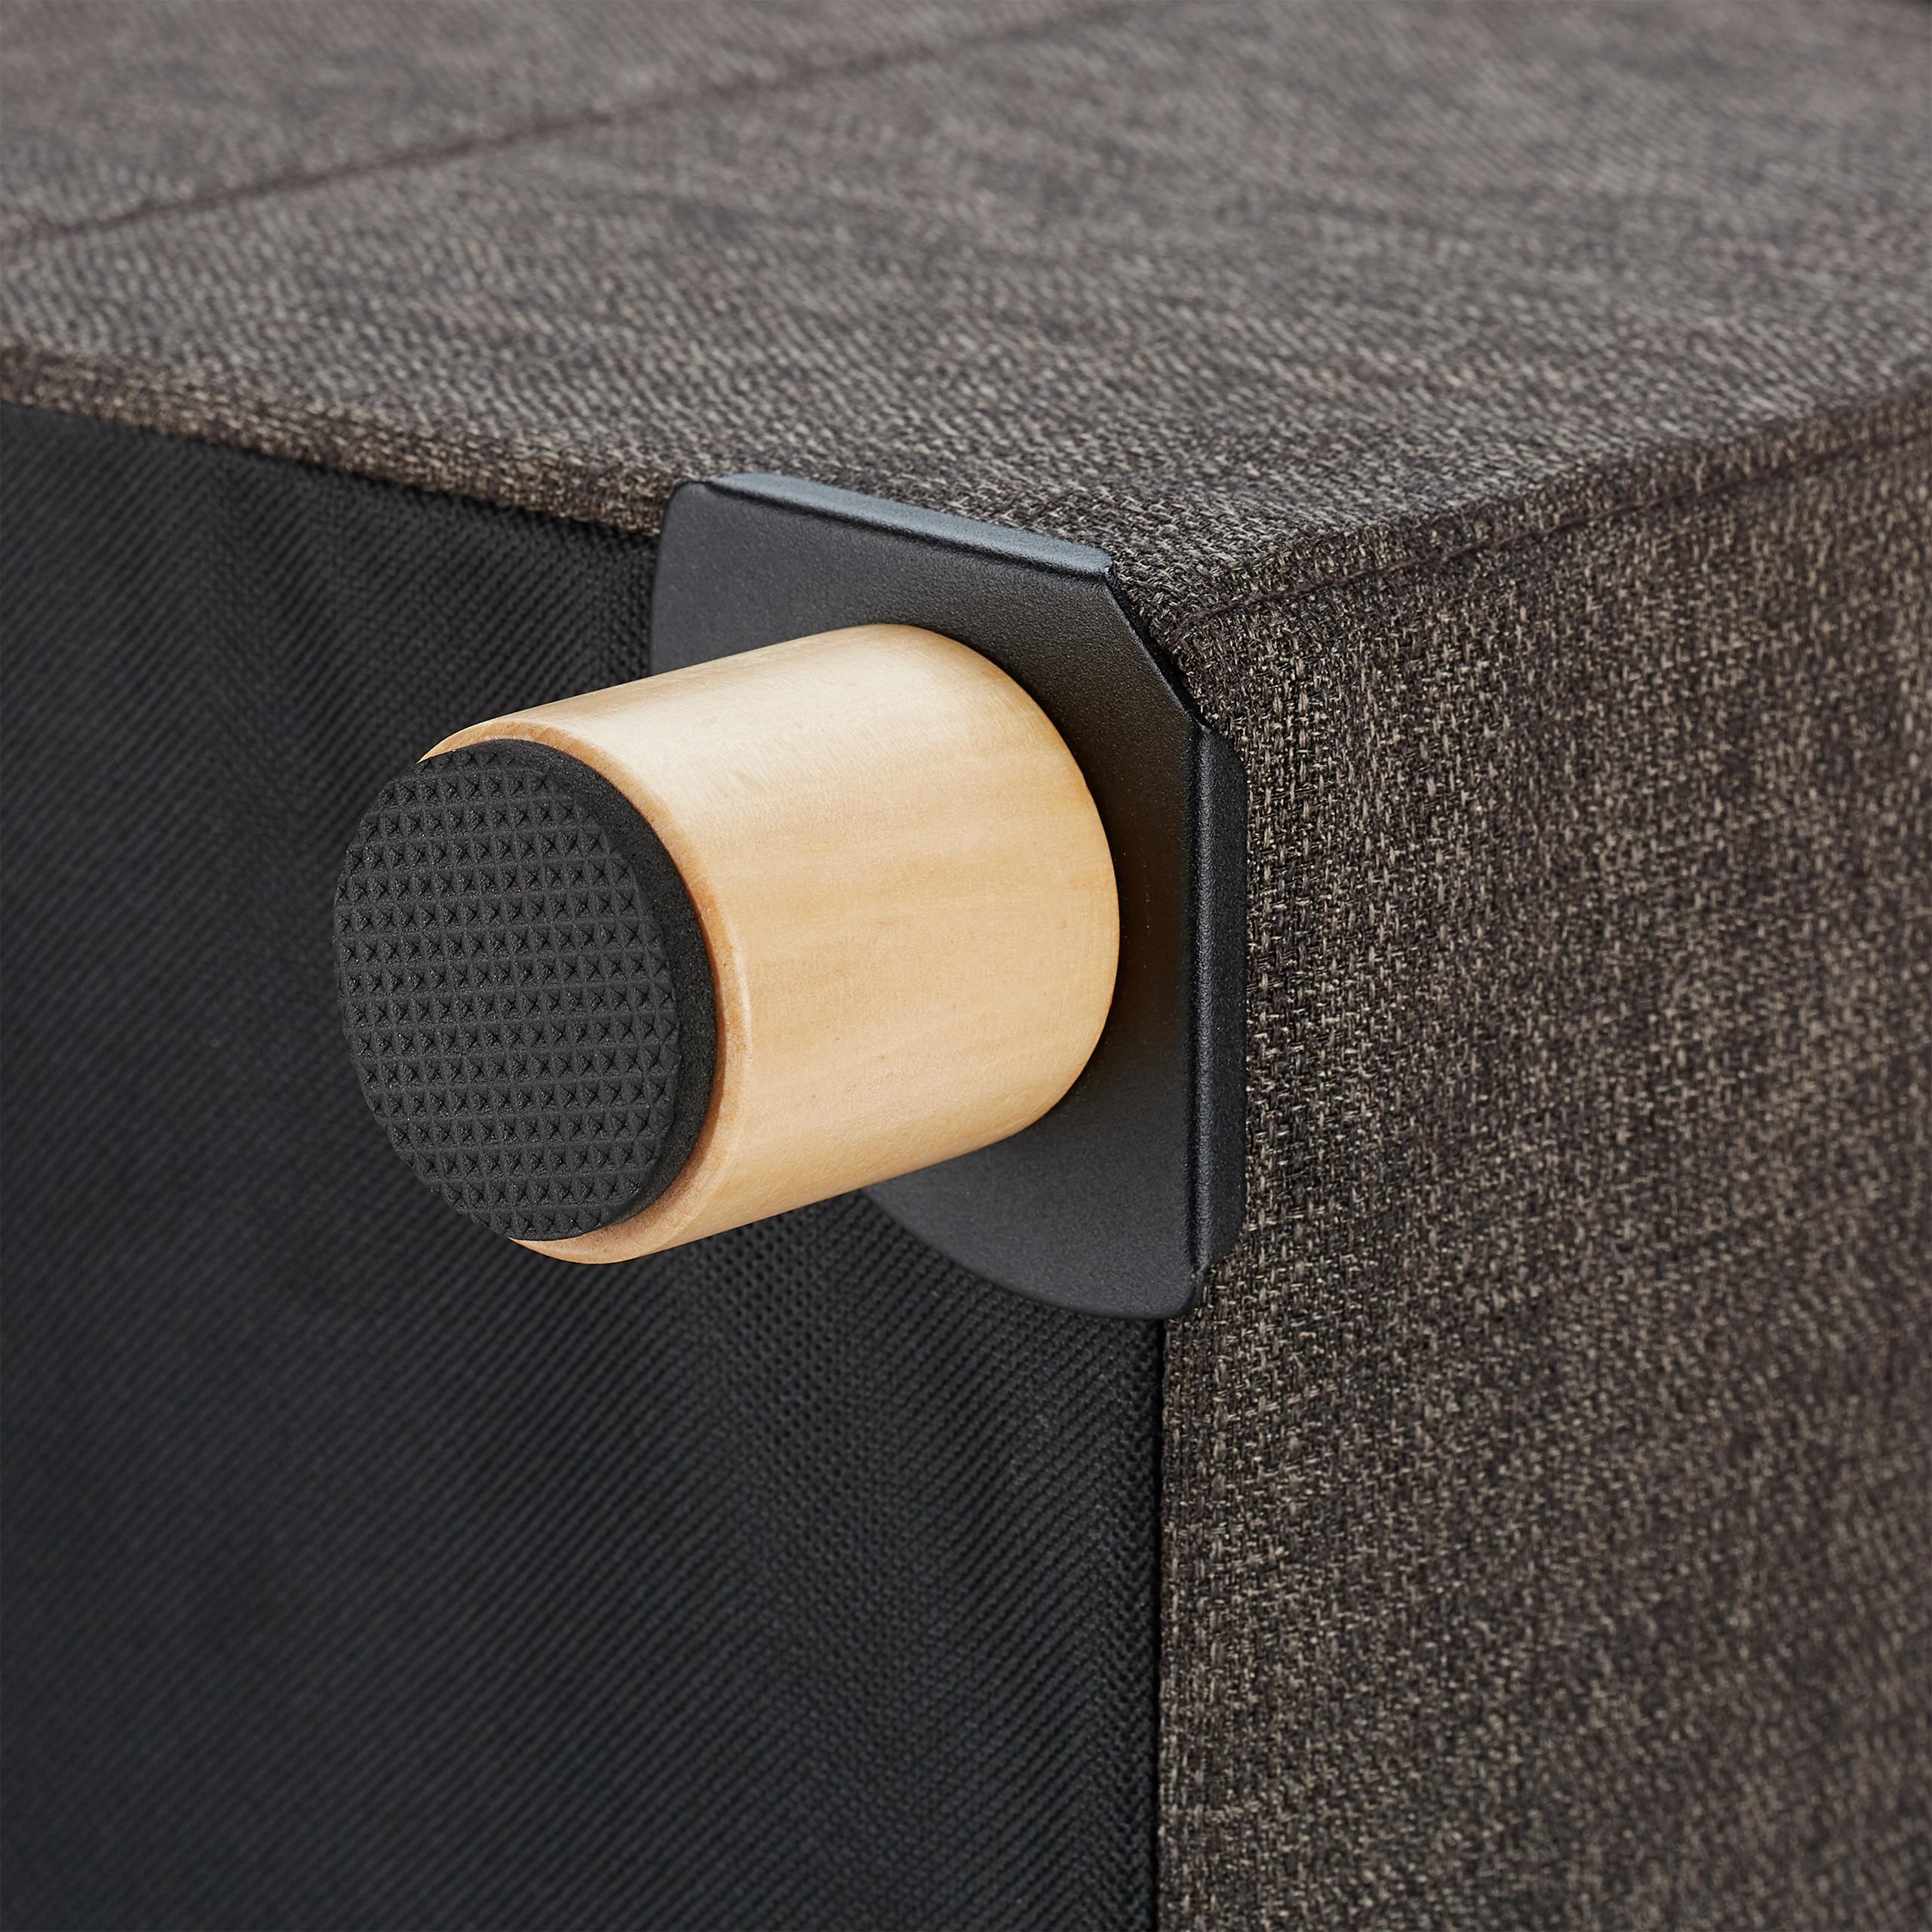 Stauhocker Polsterhocker Sitzhocker mit Stauraum Sitzwürfel Hocker Fusshocker